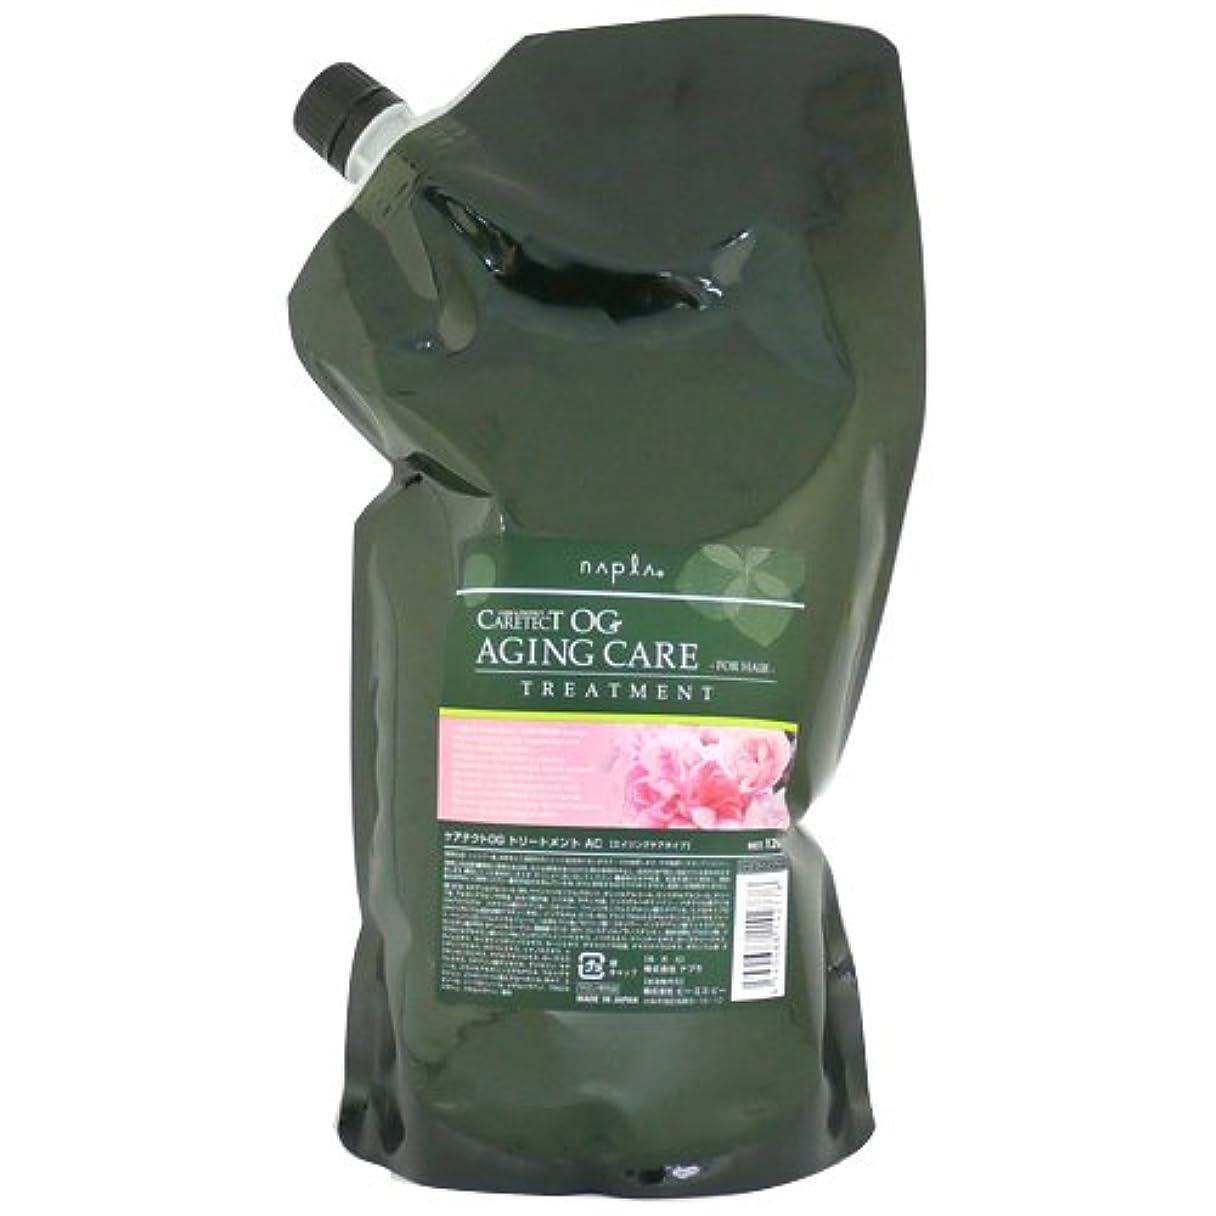 ゴミ箱を空にするアルミニウム必要条件ナプラ napla ケアテクトOG トリートメントAC 【詰め替え用】 1200g